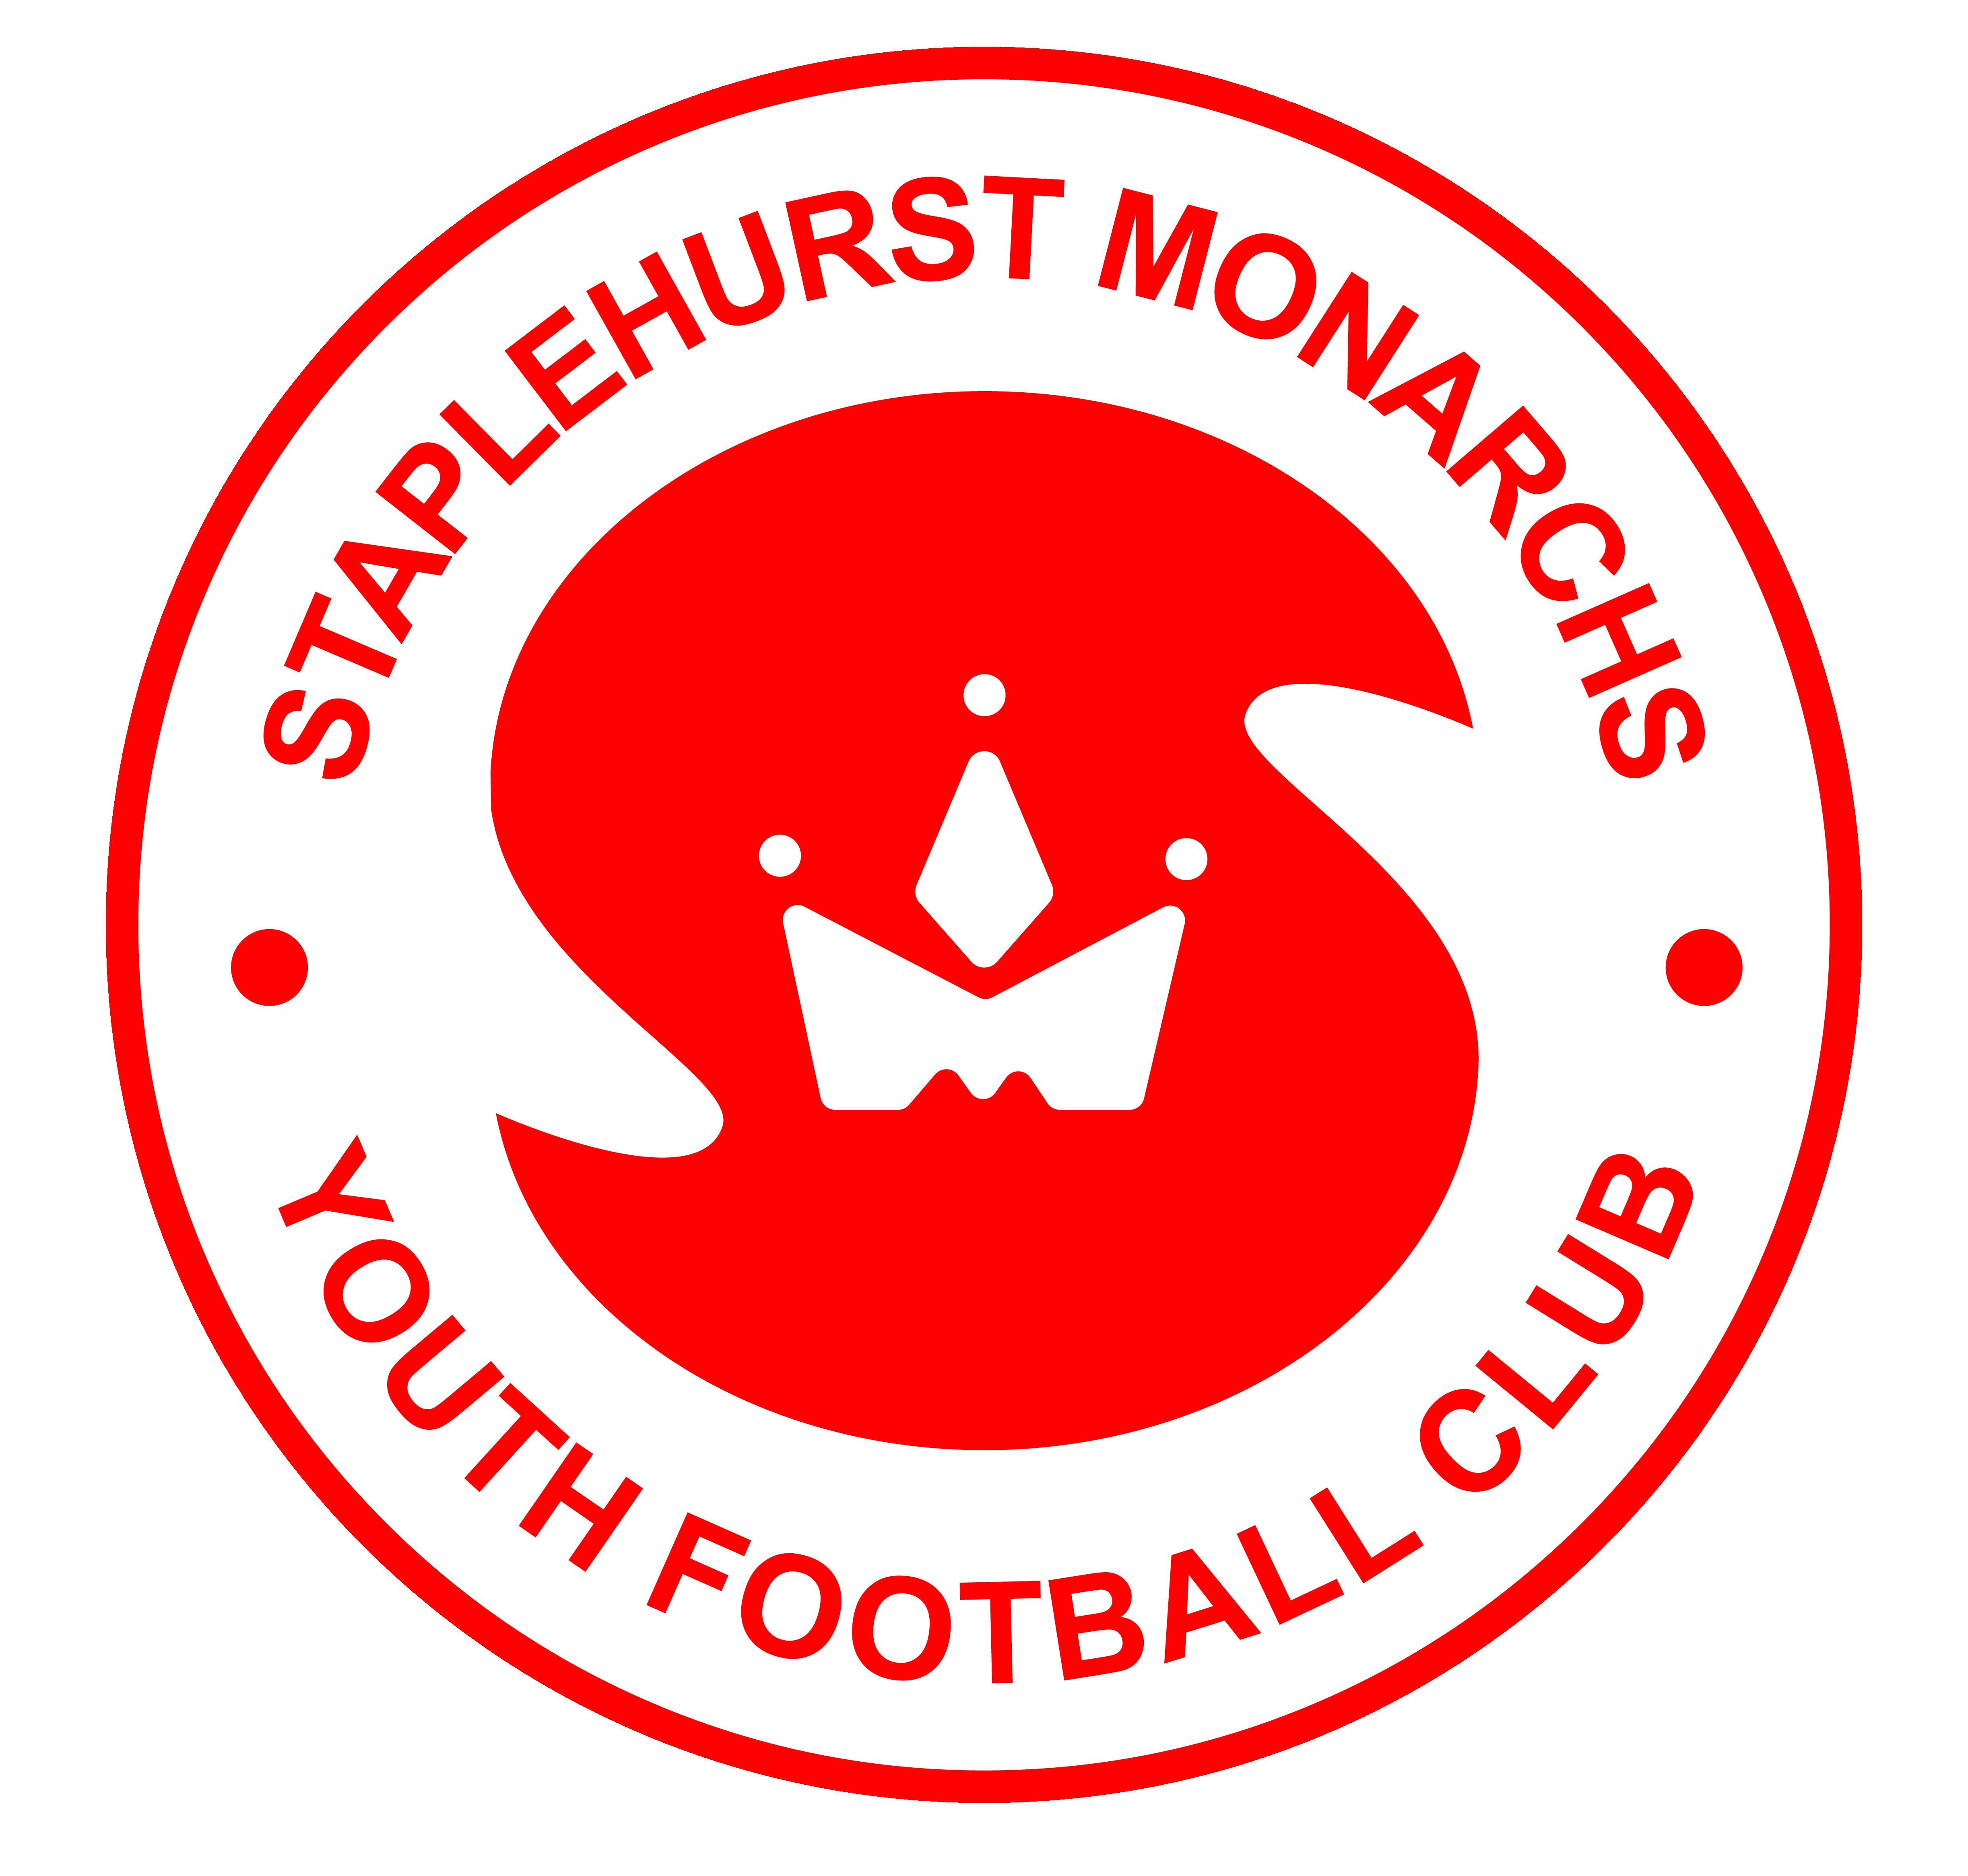 Staplehurst Monarchs Logo